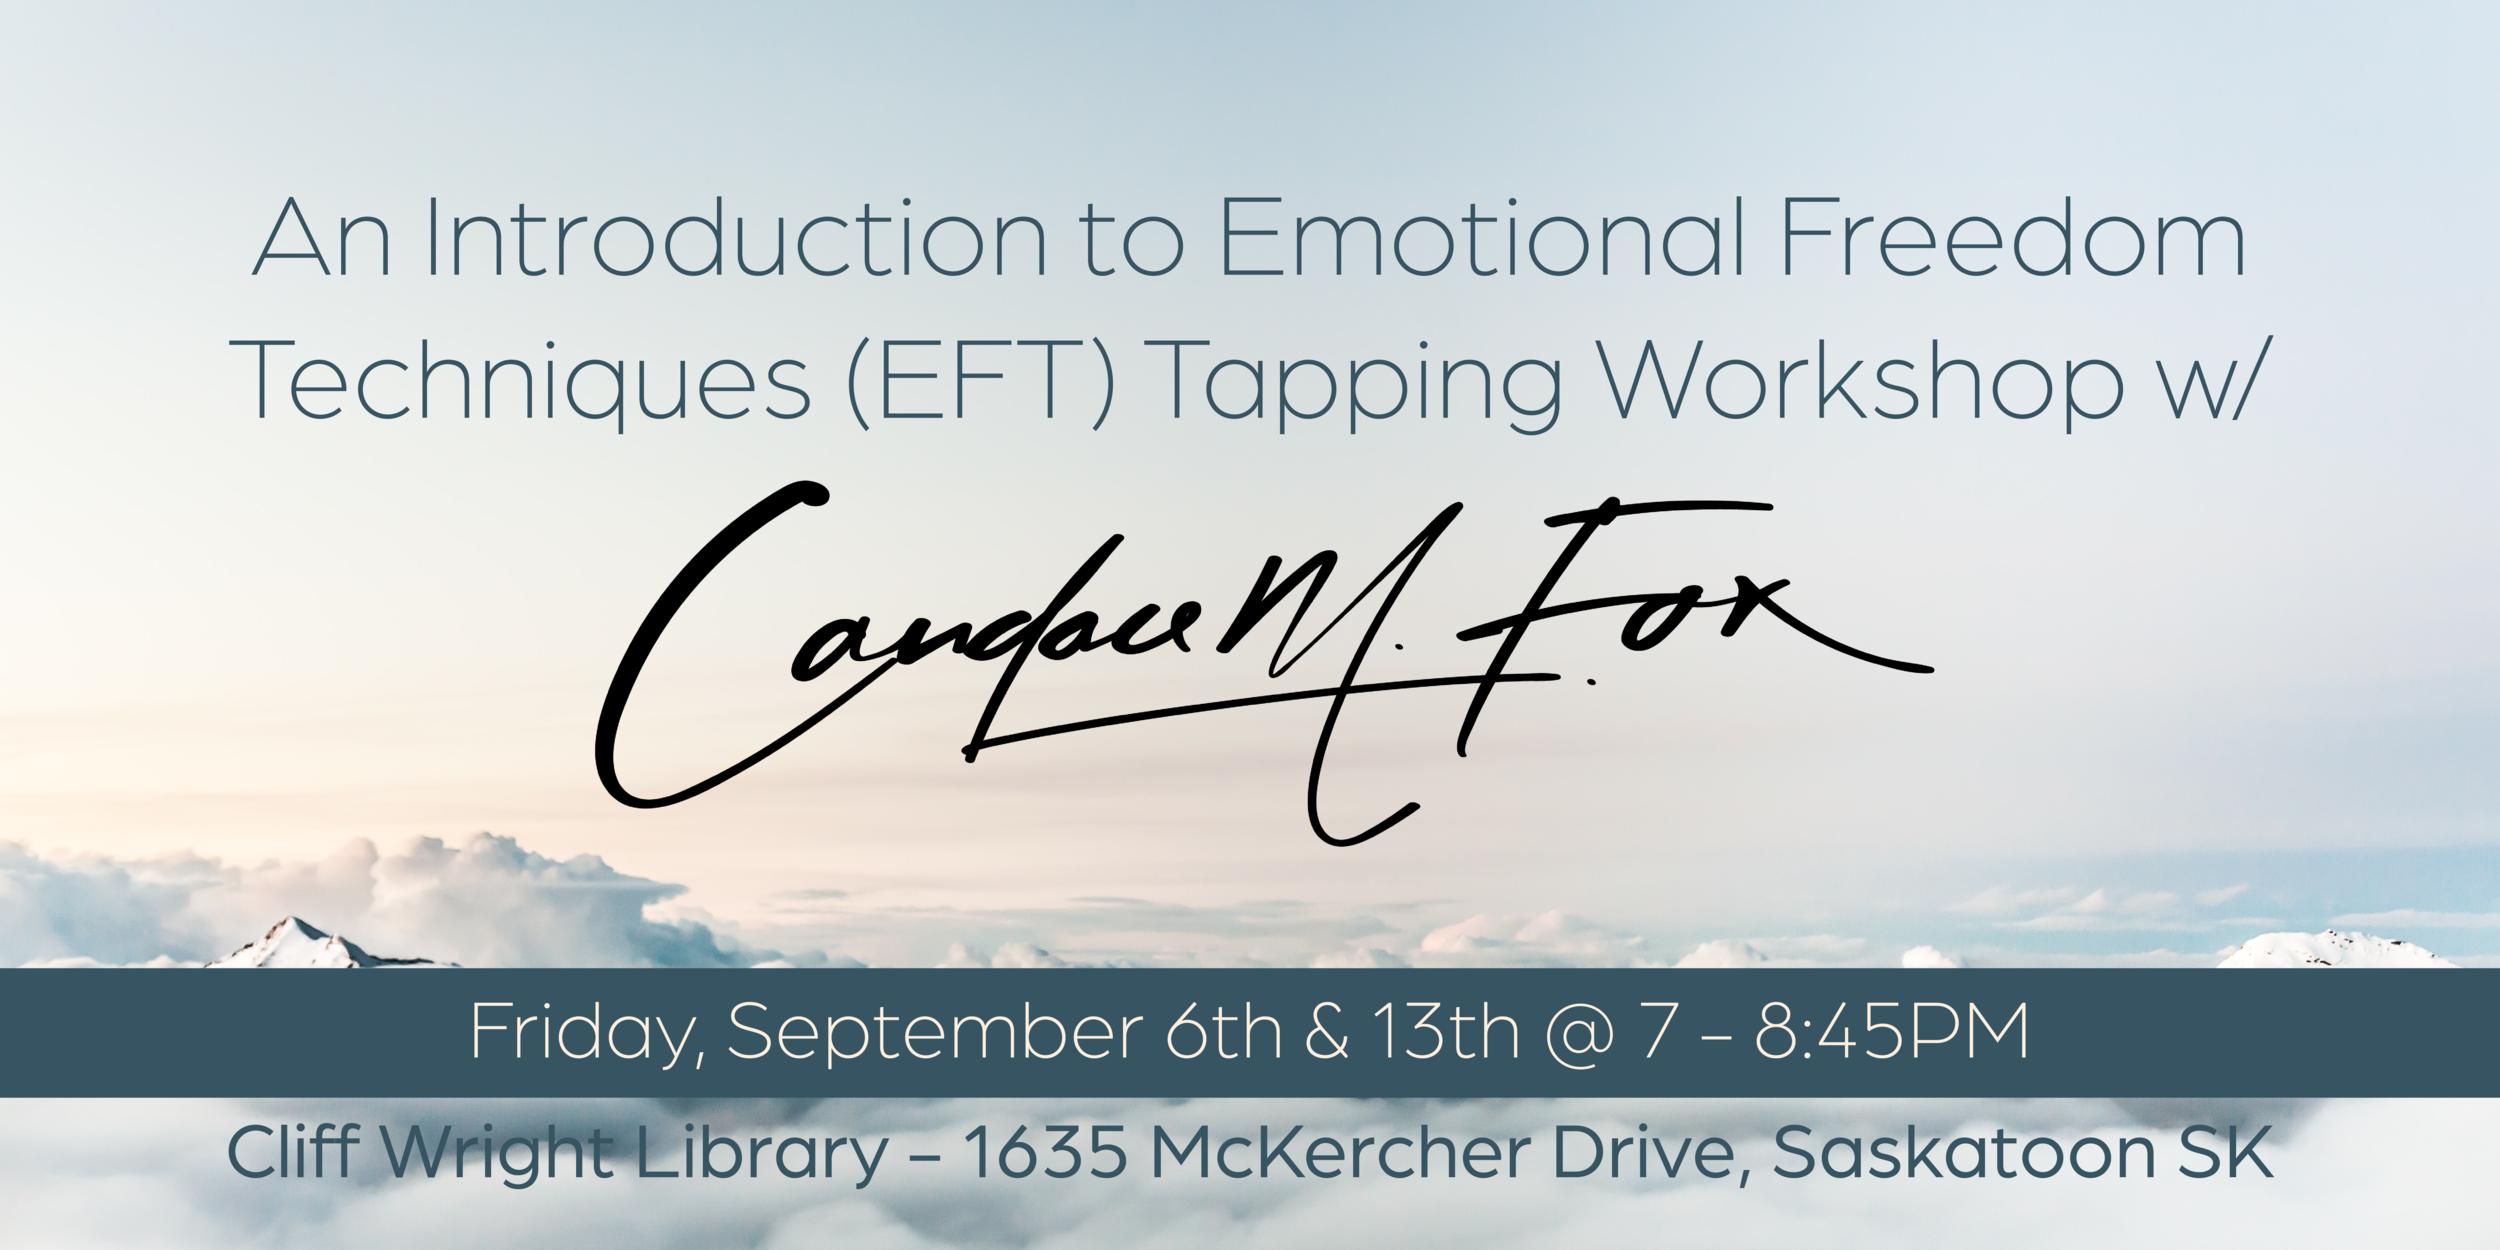 Eventbrite event poster  - EFT Tapping workshop-01.png